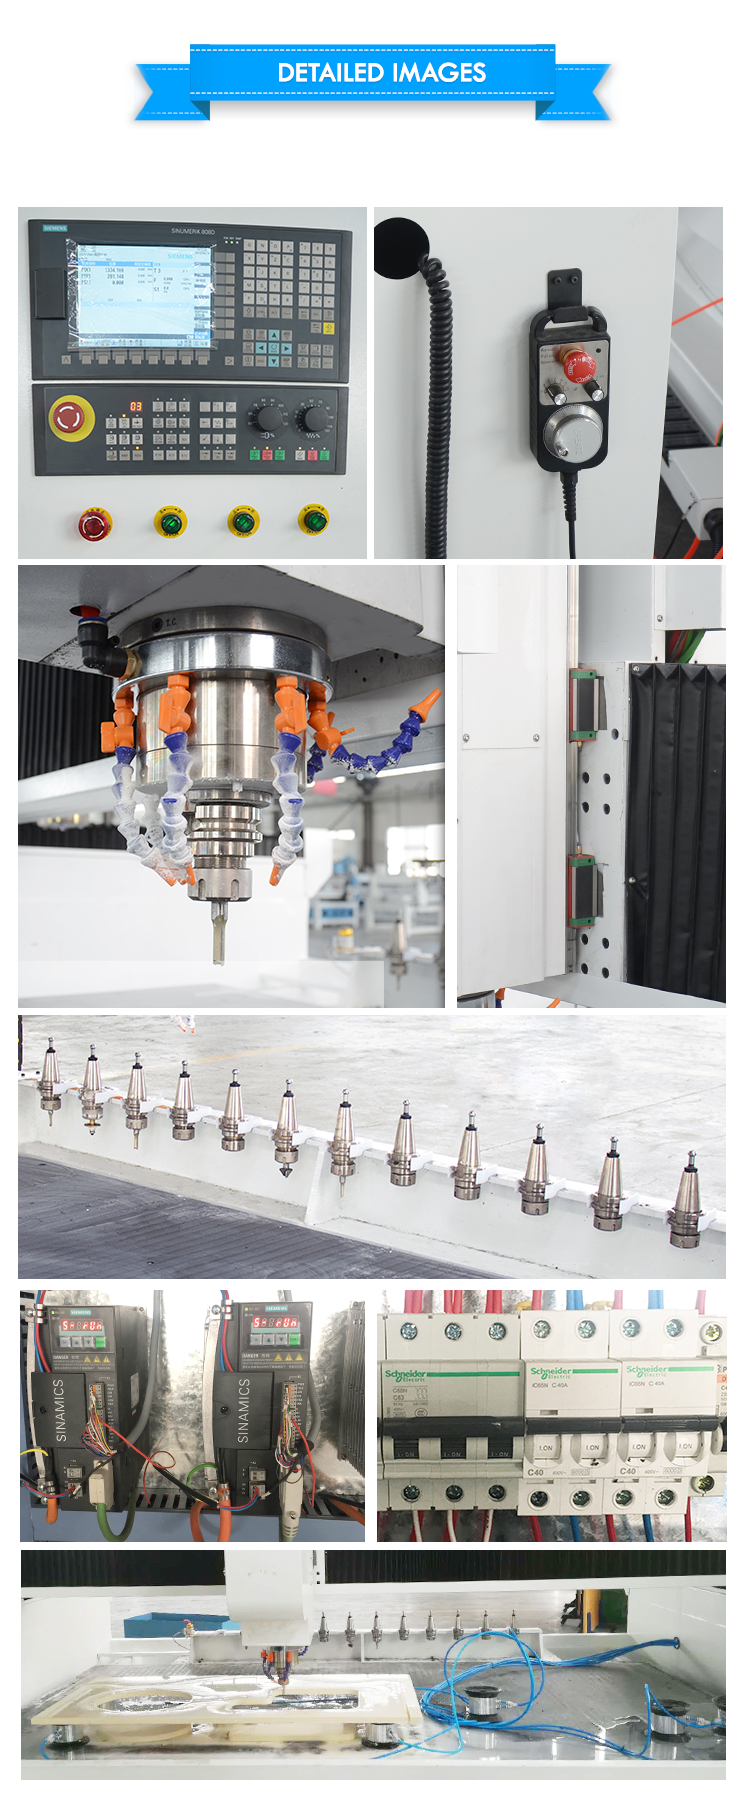 चीन संगमरमर पत्थर काटने की मशीन 3d पत्थर सीएनसी नक्काशी मशीन ग्रेनाइट सिंक छेद काटने की मशीन